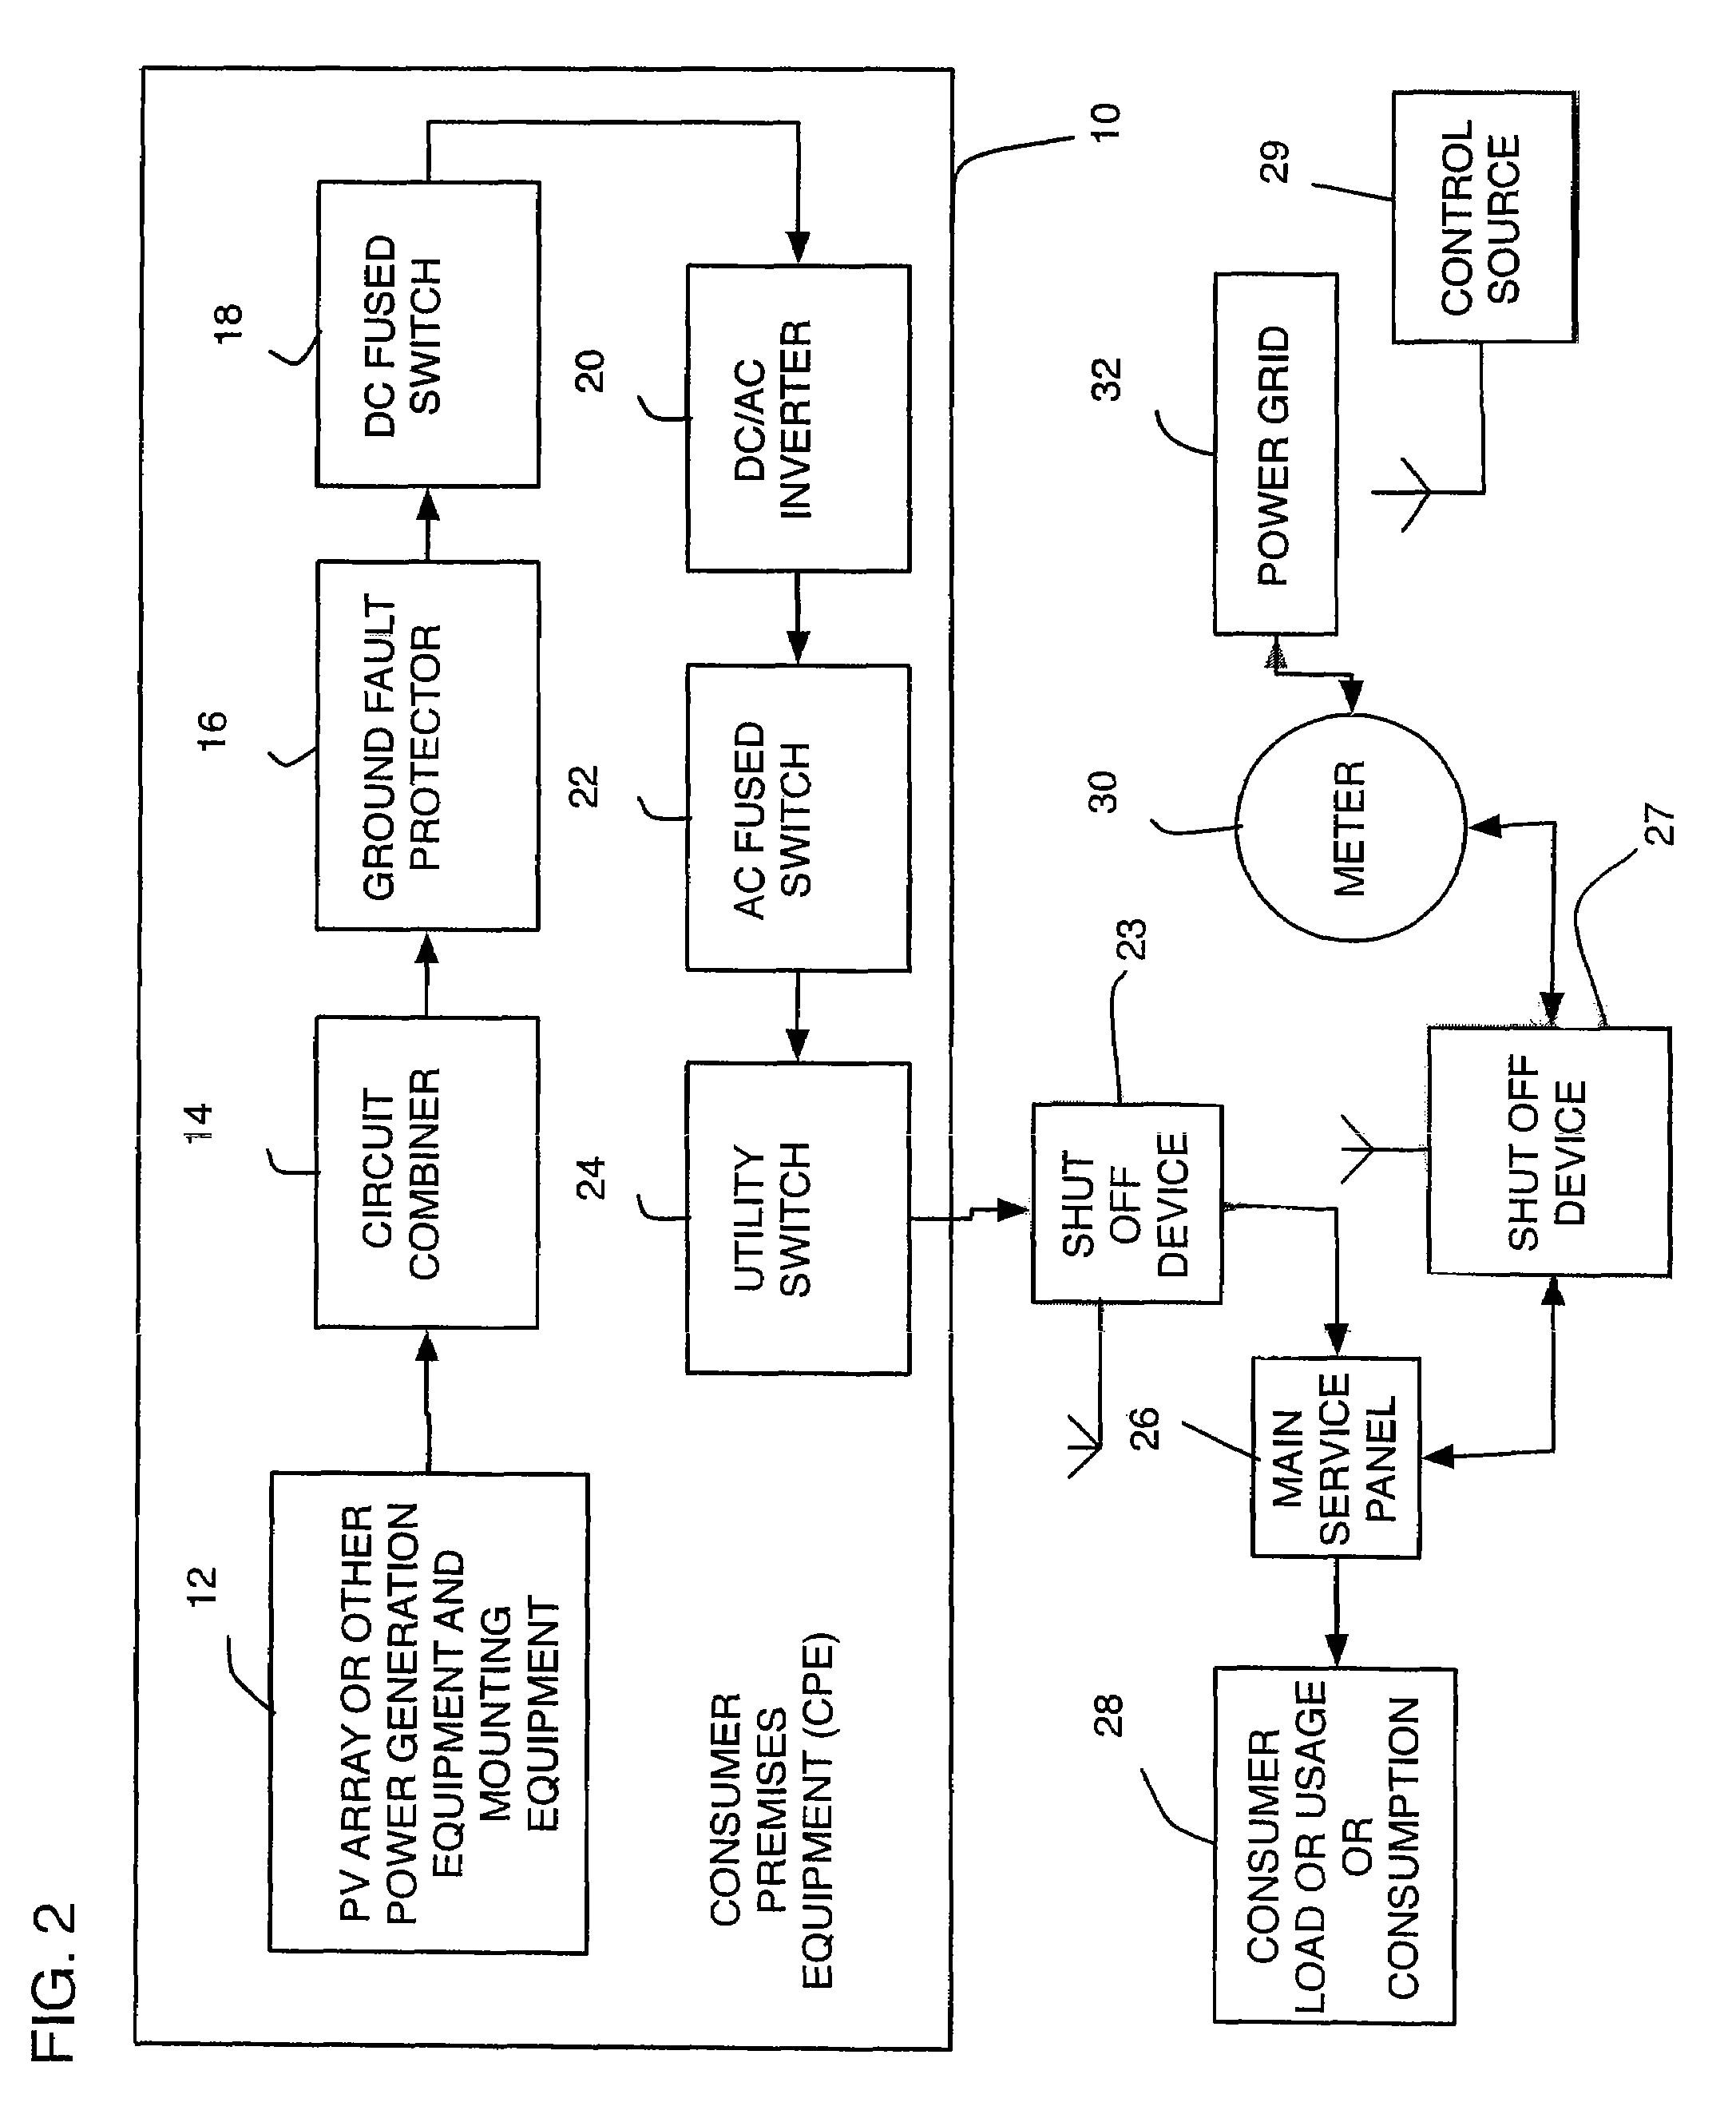 passtime pte 3 wiring diagram sample